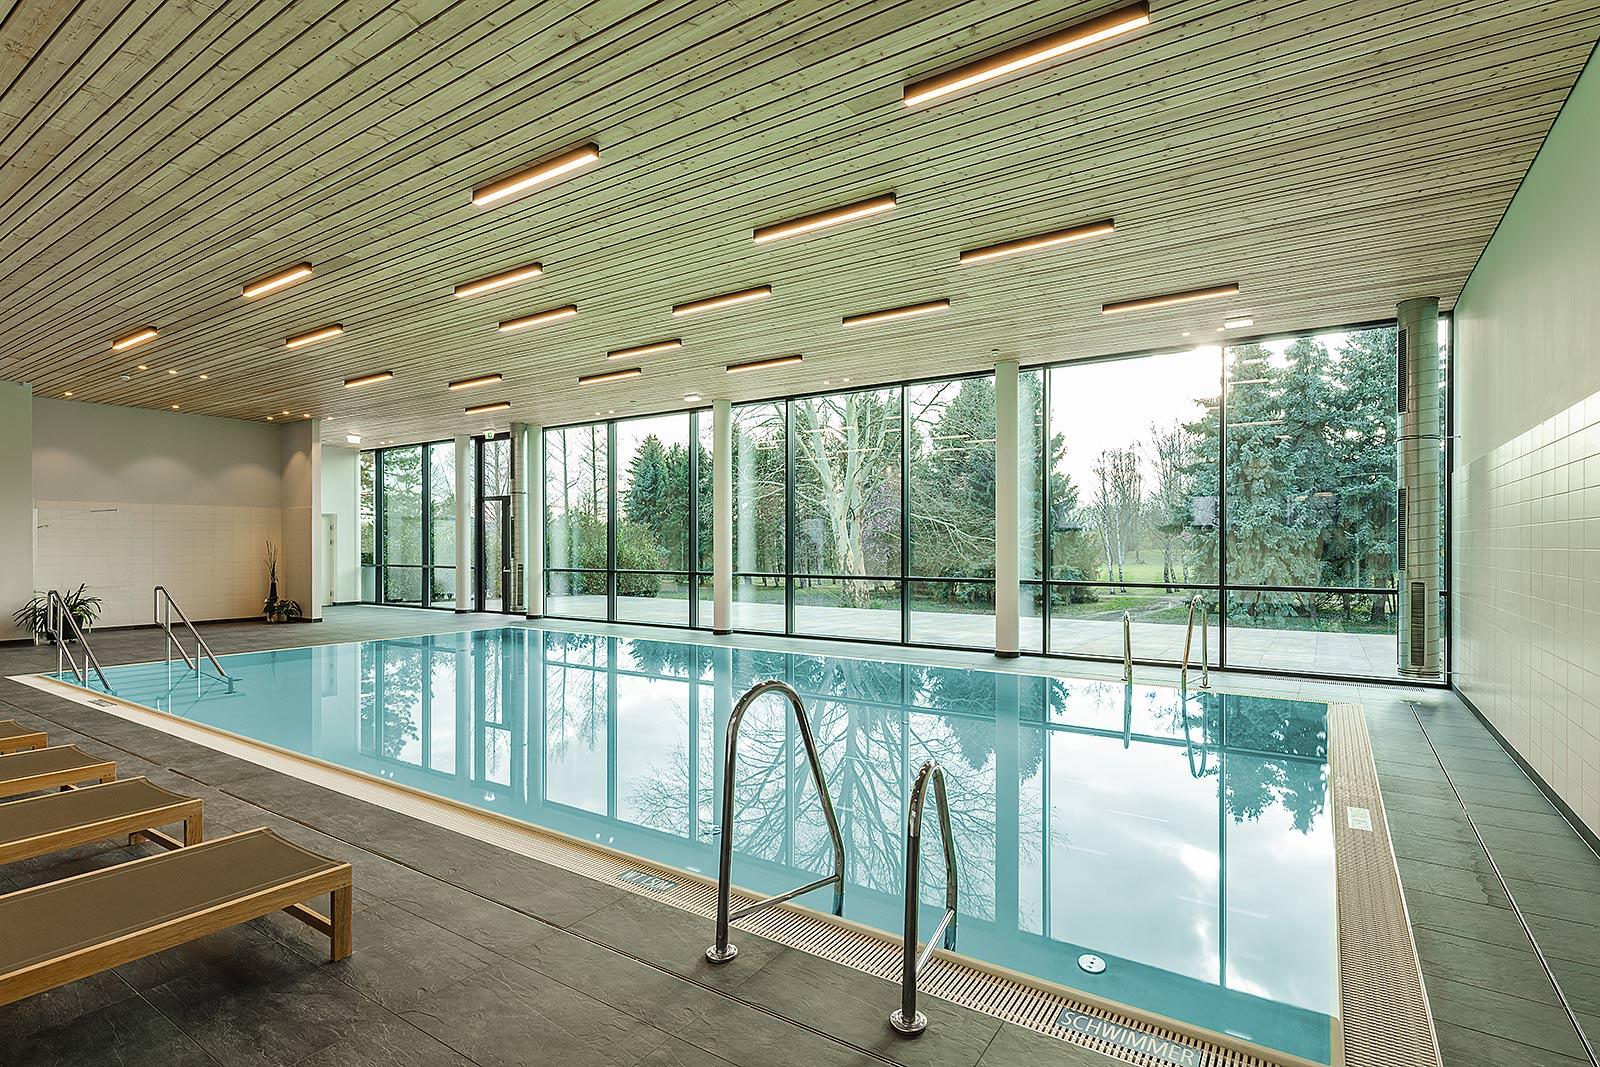 Schwimmbad Architektur mit Holz